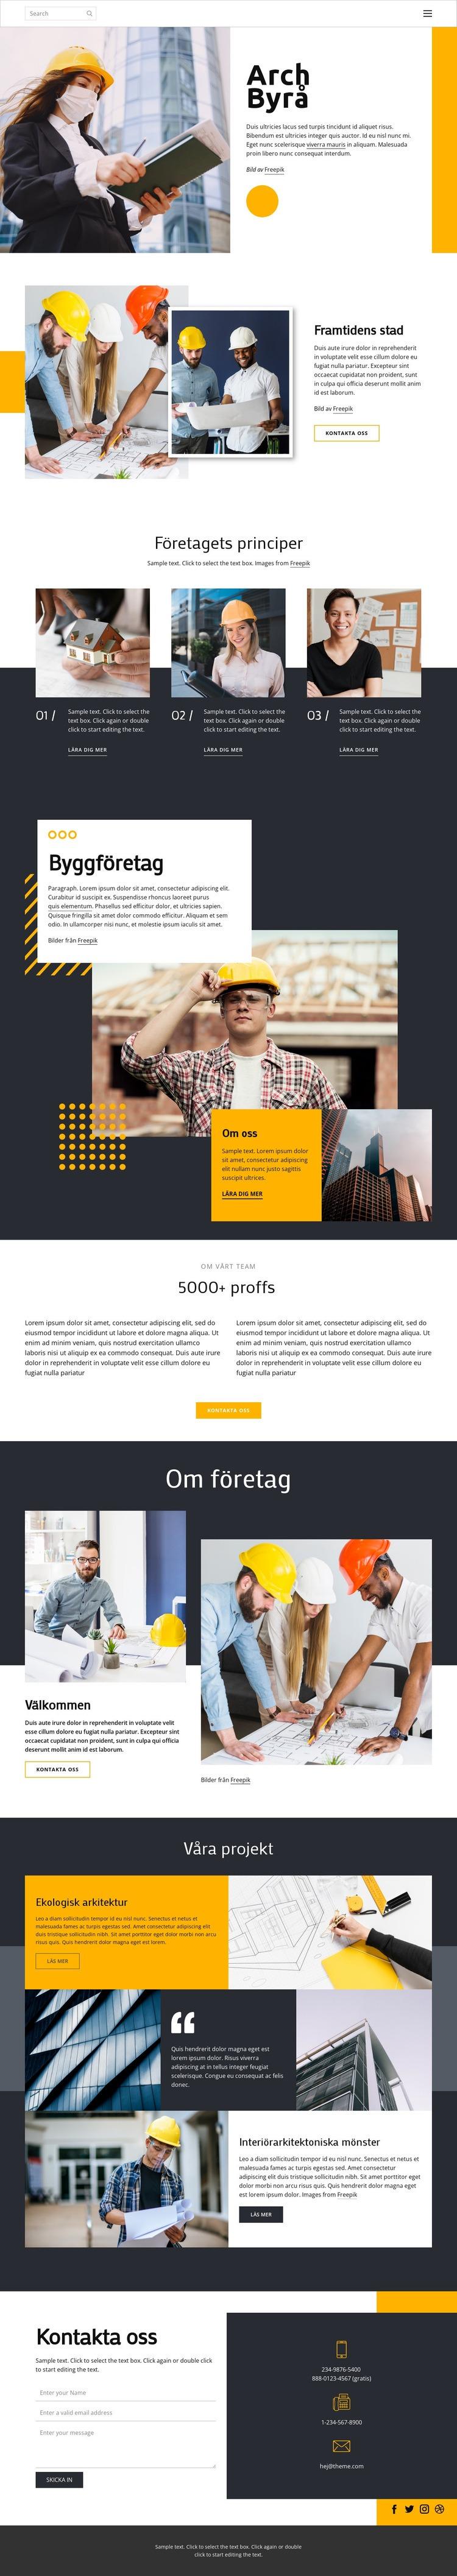 Prisbelönta arkitekter Webbplats mall